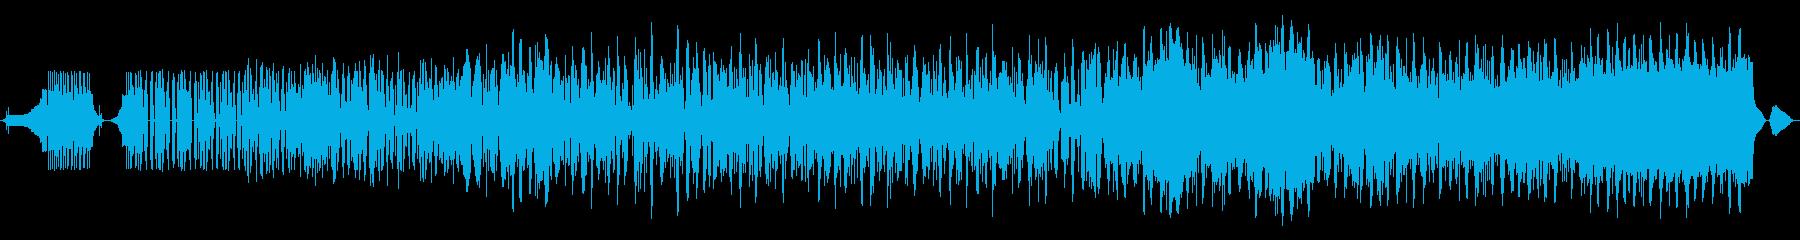 生活音を楽曲に取り入れた実験的音楽の再生済みの波形